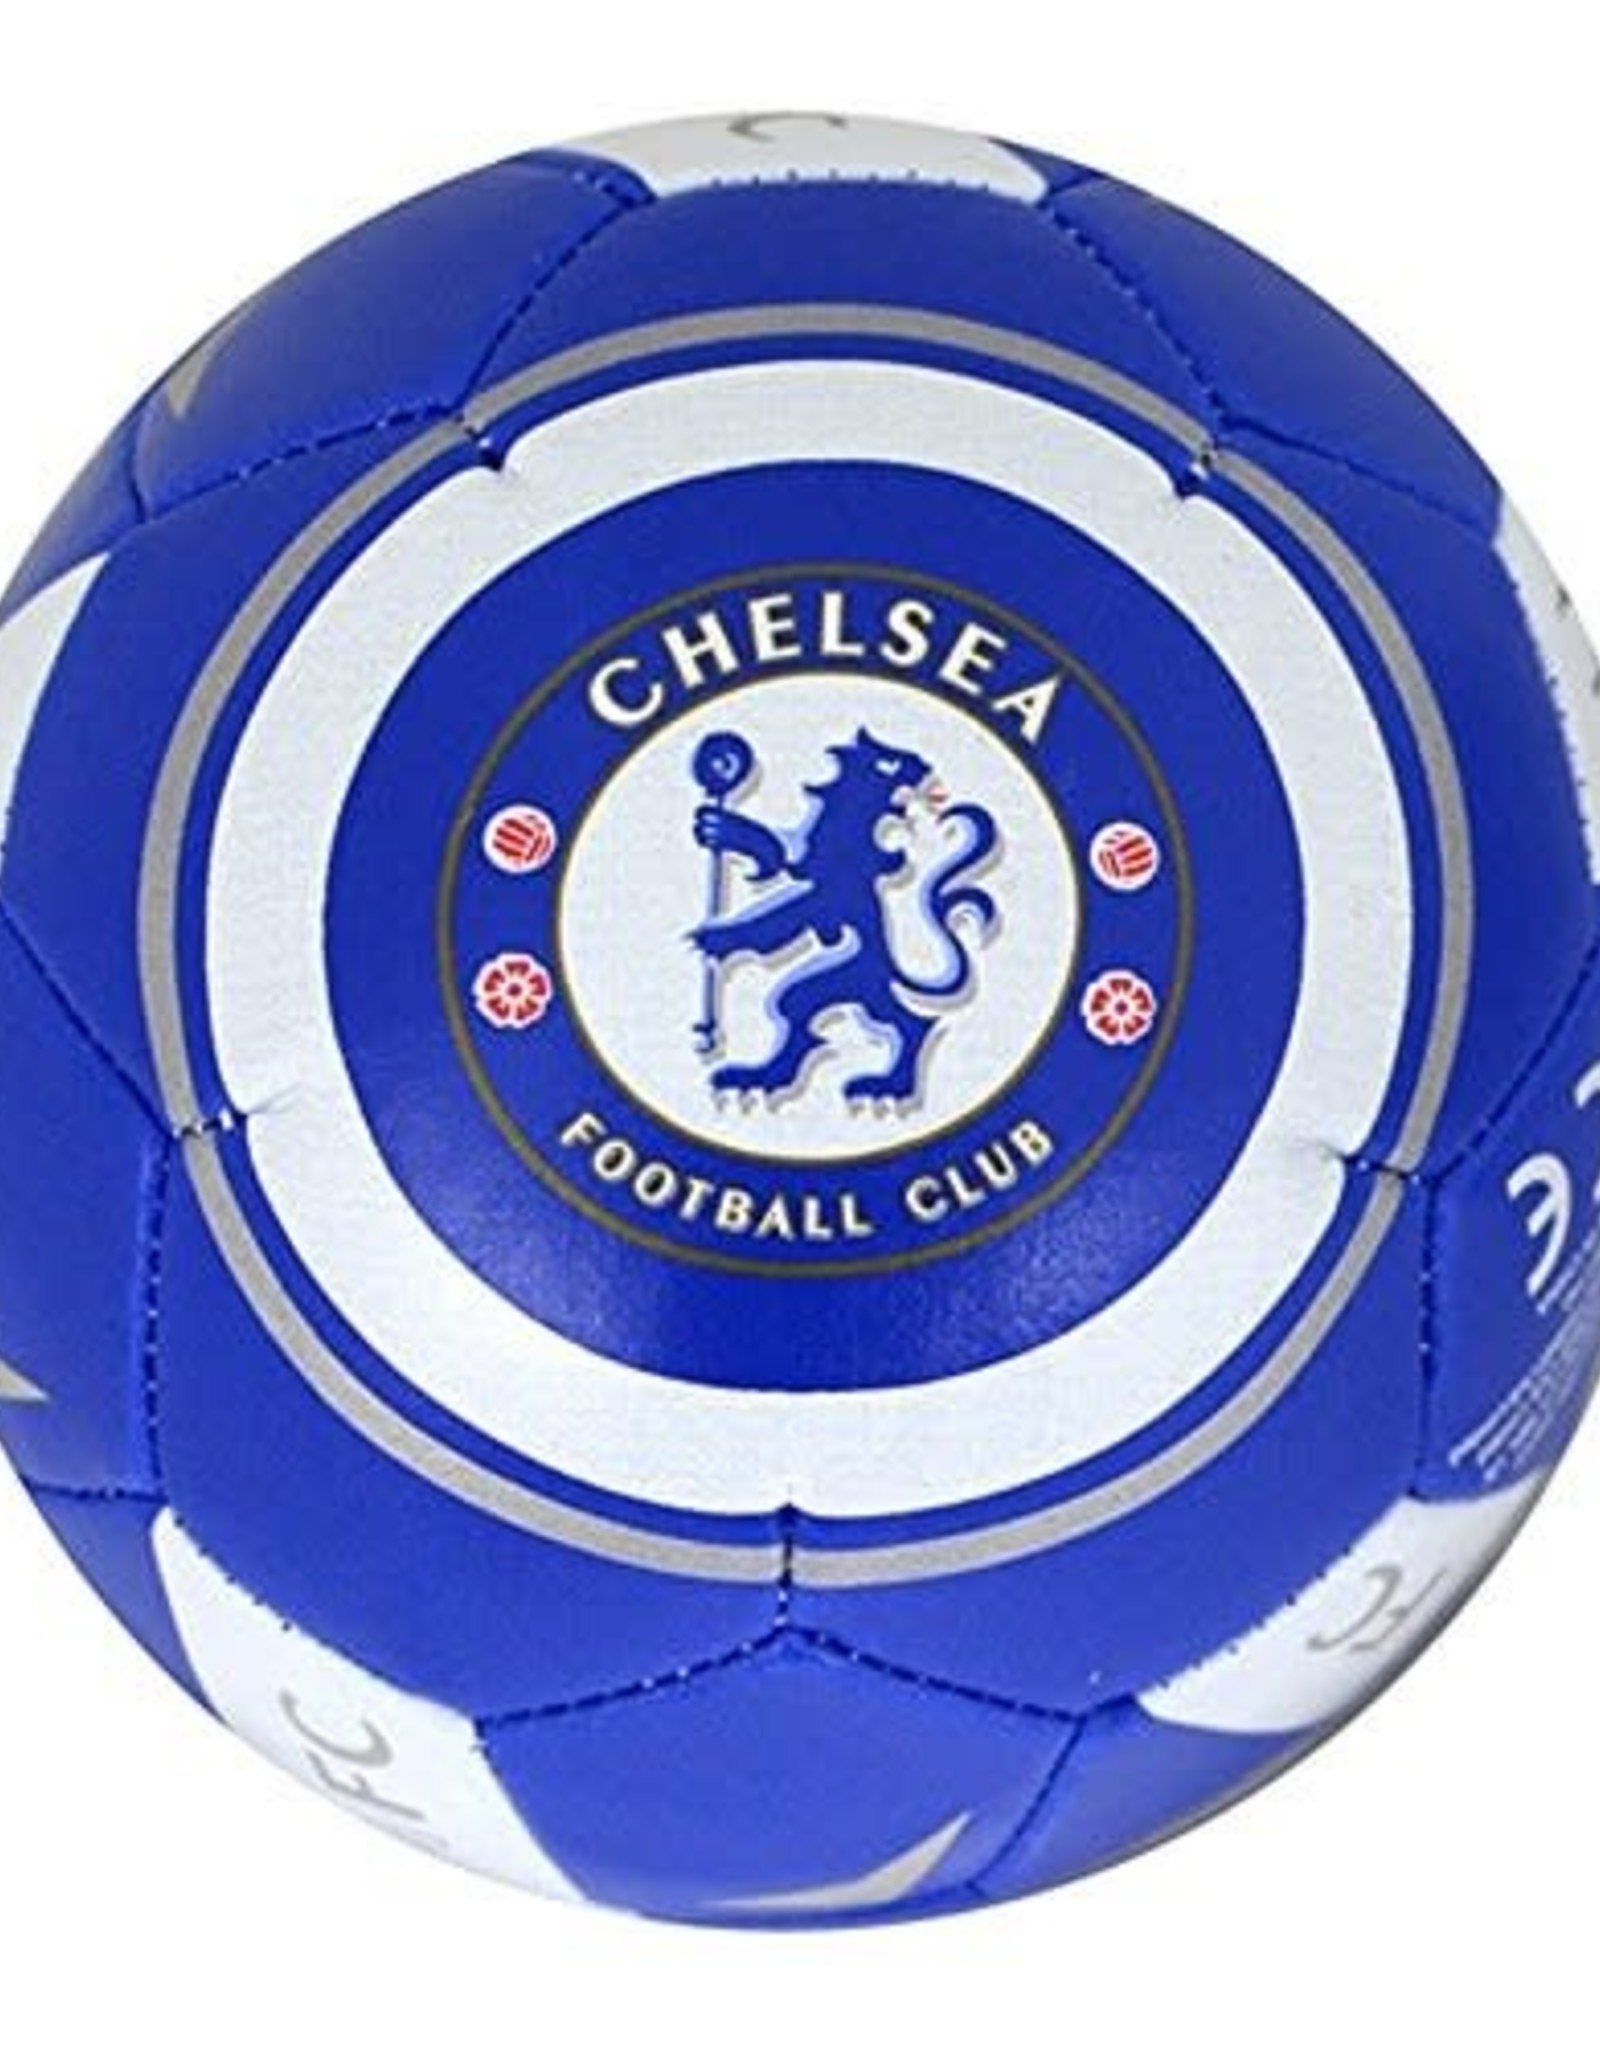 Chelsea Soccer Ball Blue/White Size 3